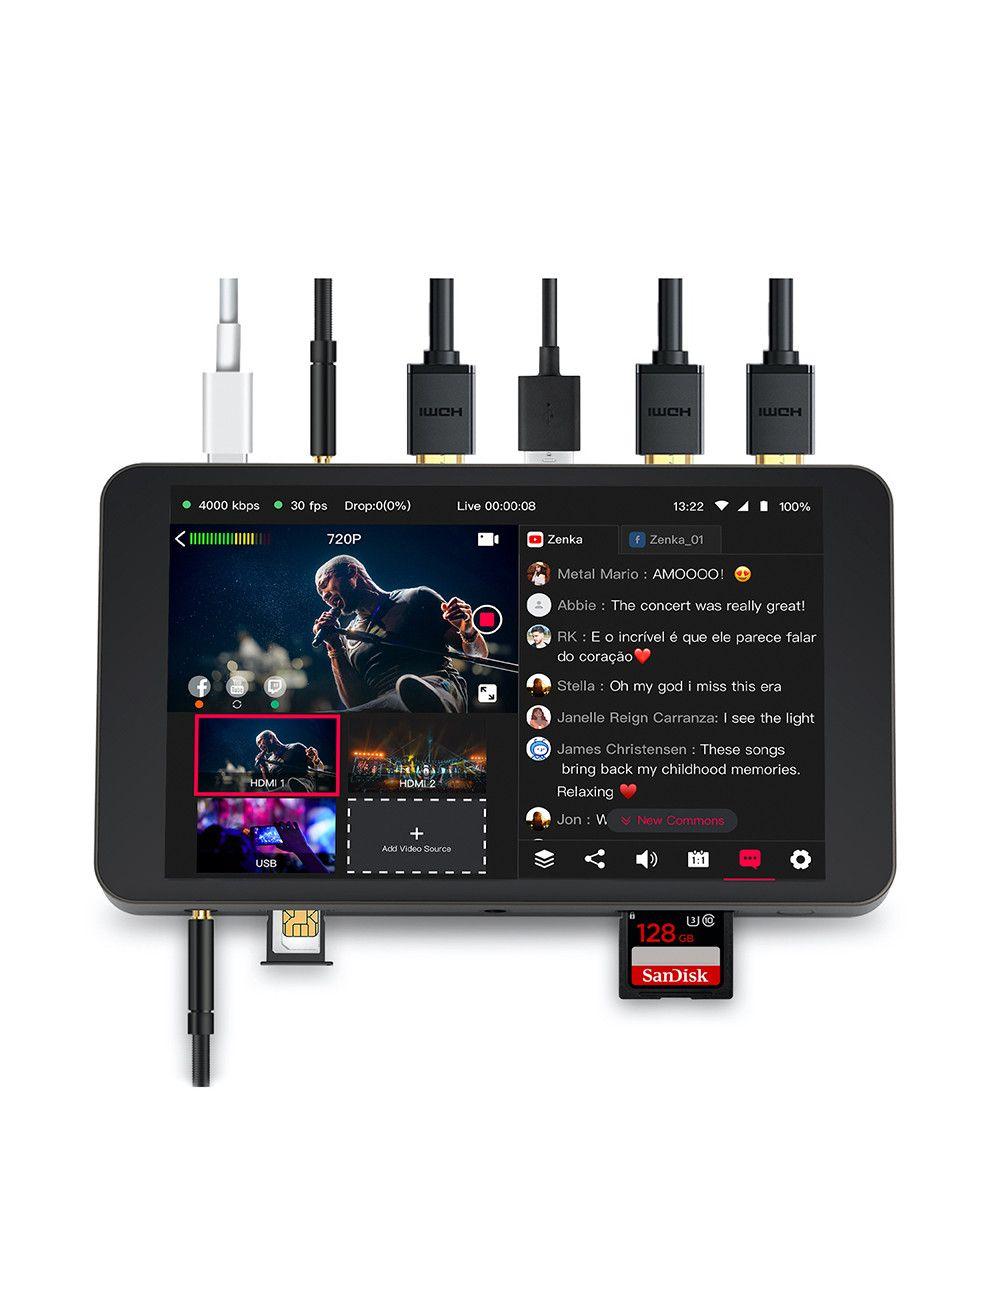 ZOOM SSH-6 Cápsula de micrófono shotgun estéreo para grabadoras Zoom H5, H6 y Q8